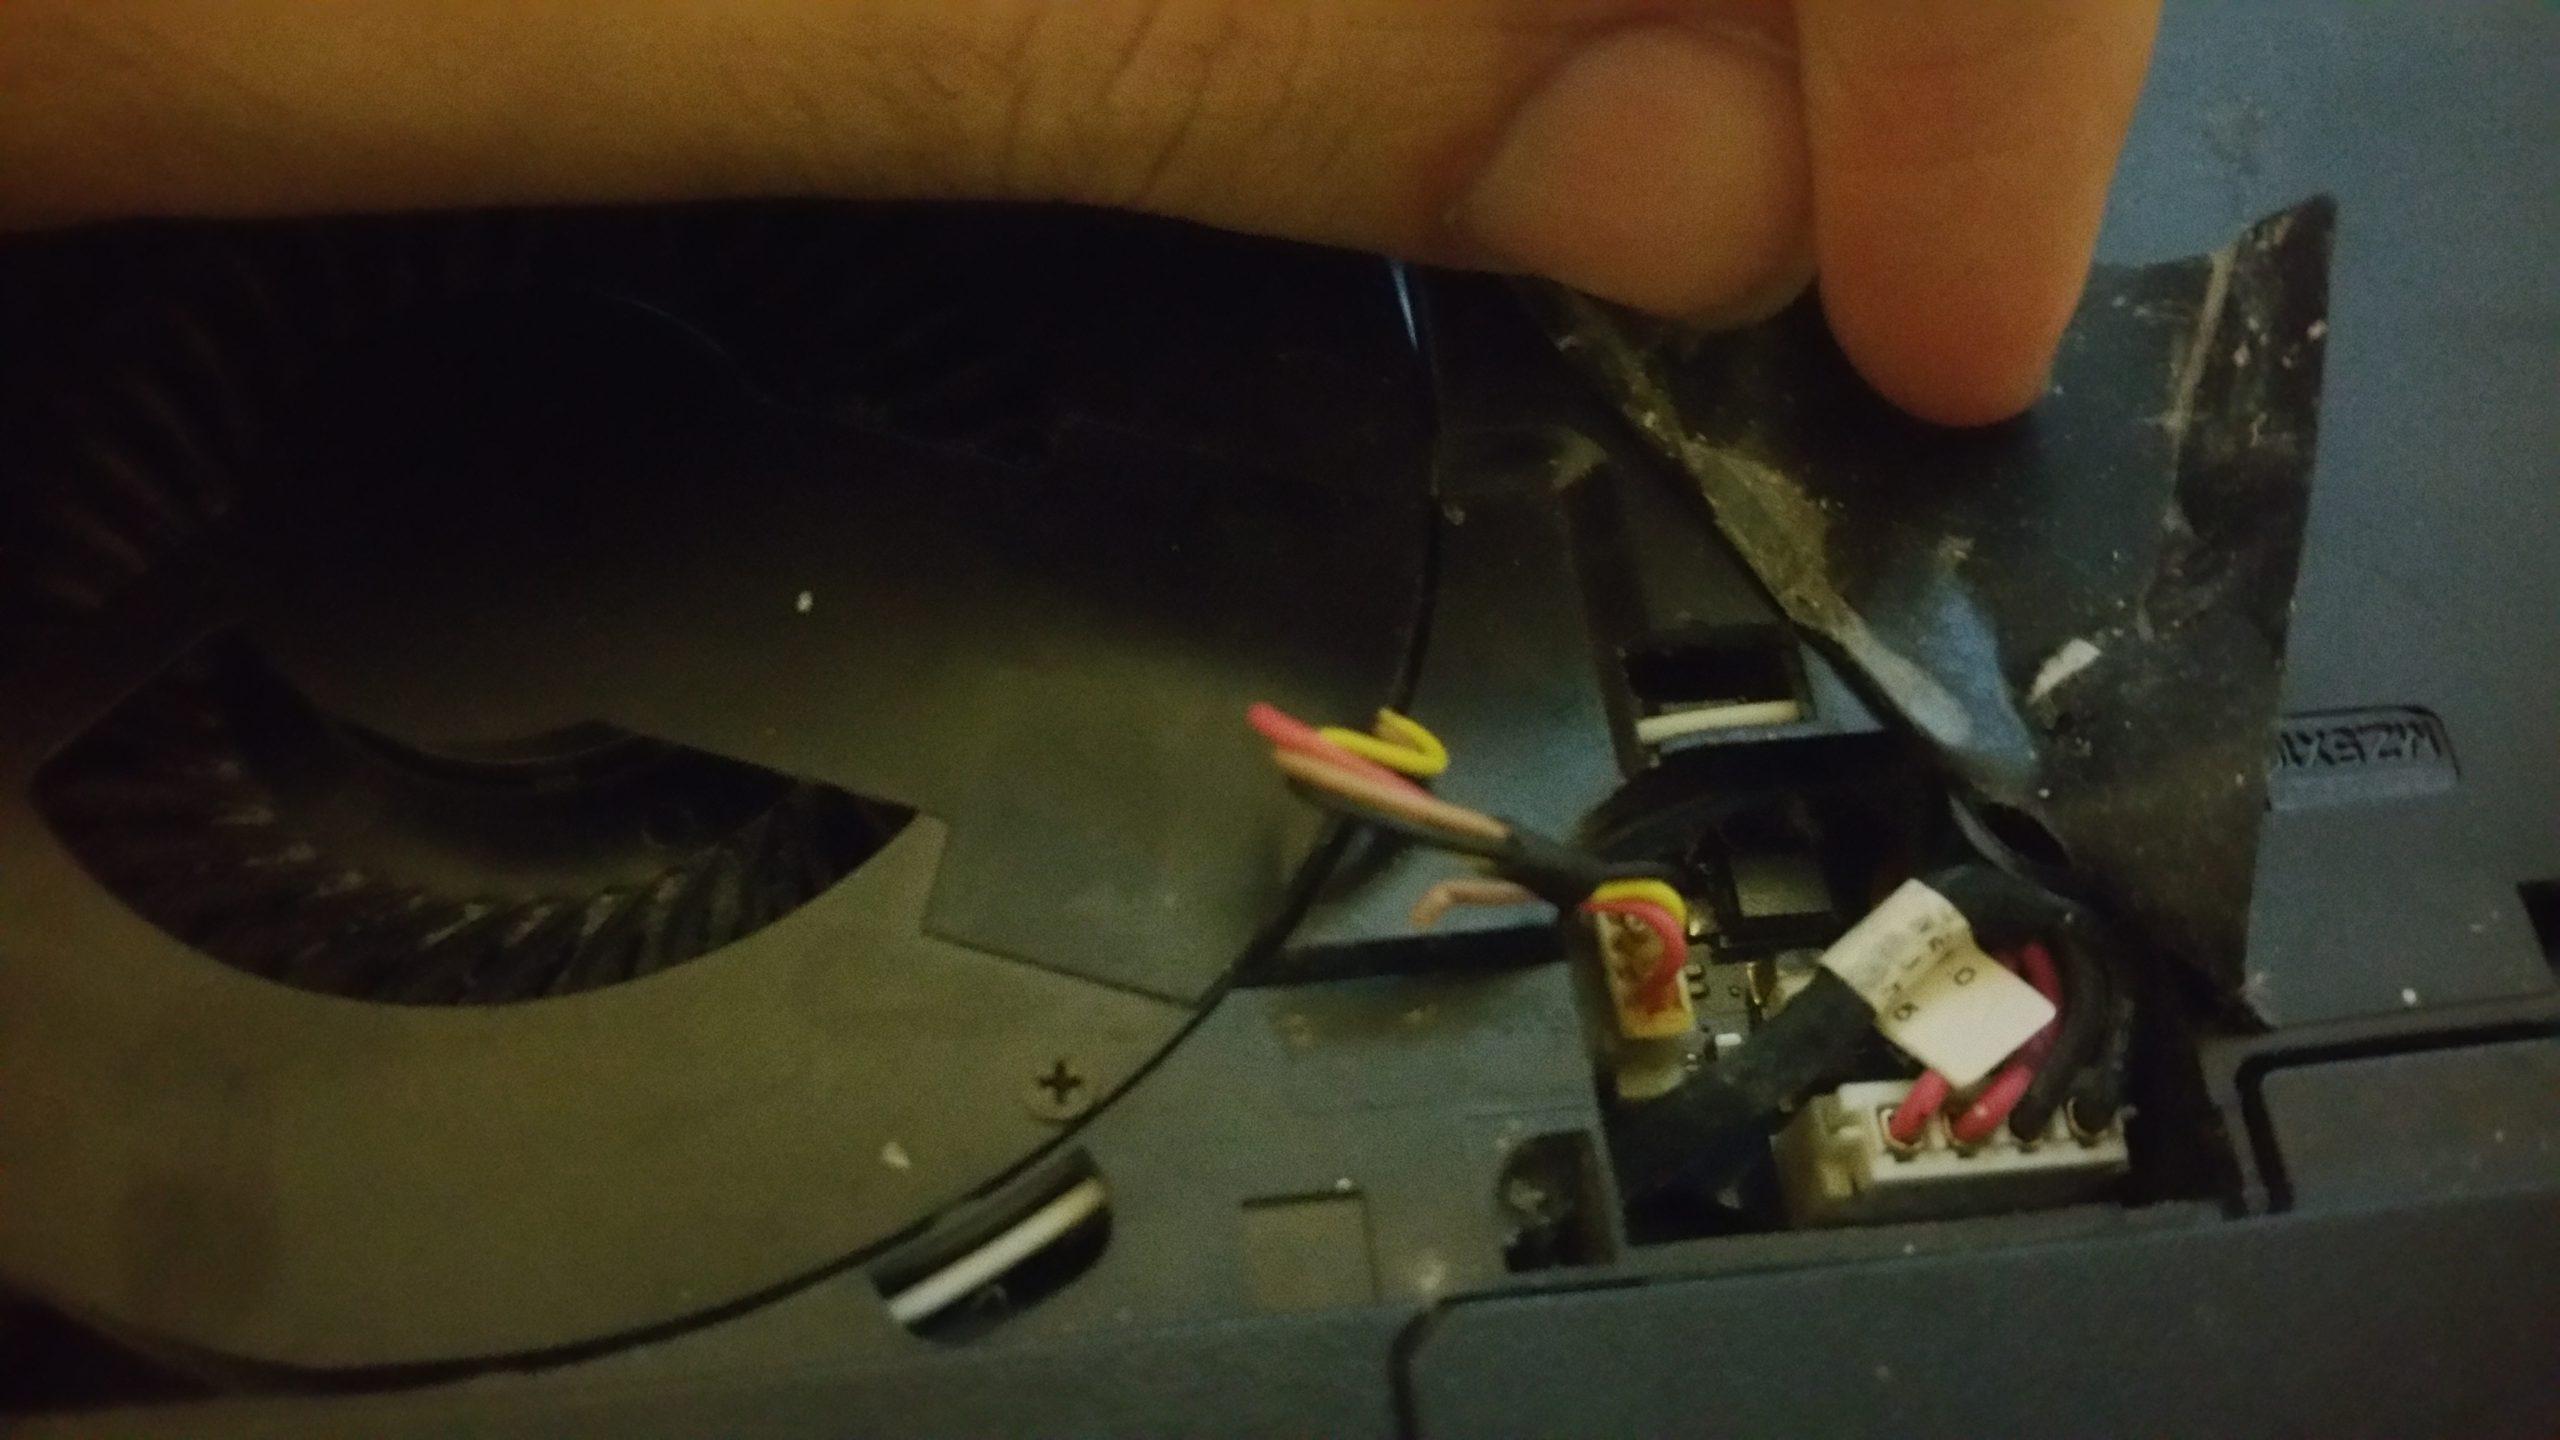 Lenovo Y510p fan - 7